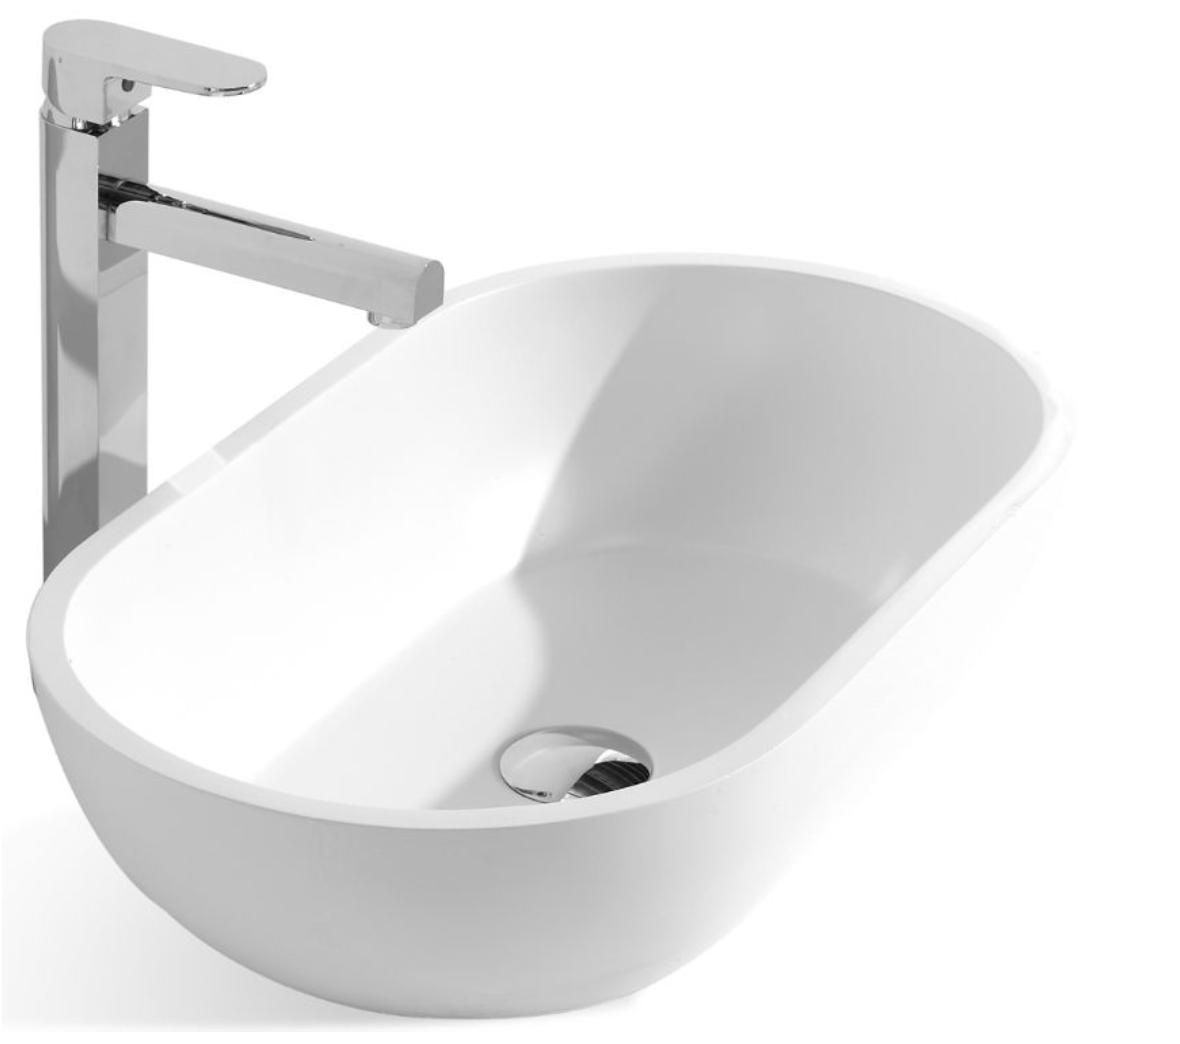 design aufsatzwaschbecken modell 1312 badewelt badezimmer. Black Bedroom Furniture Sets. Home Design Ideas